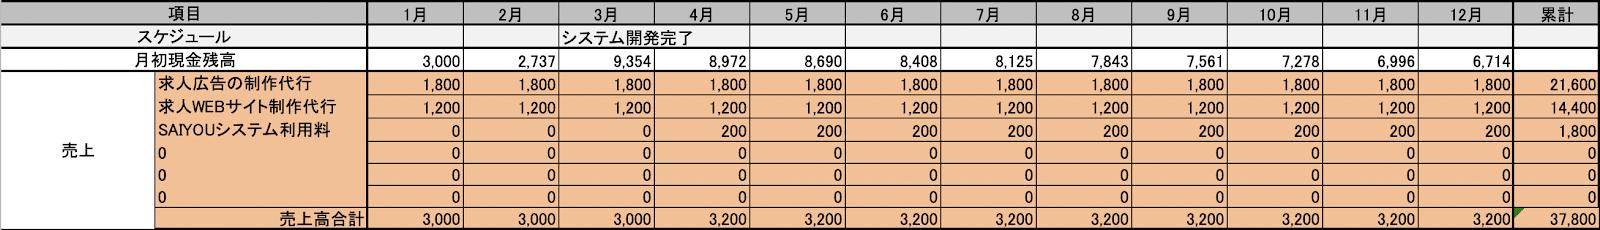 創業計画書の収支計画表